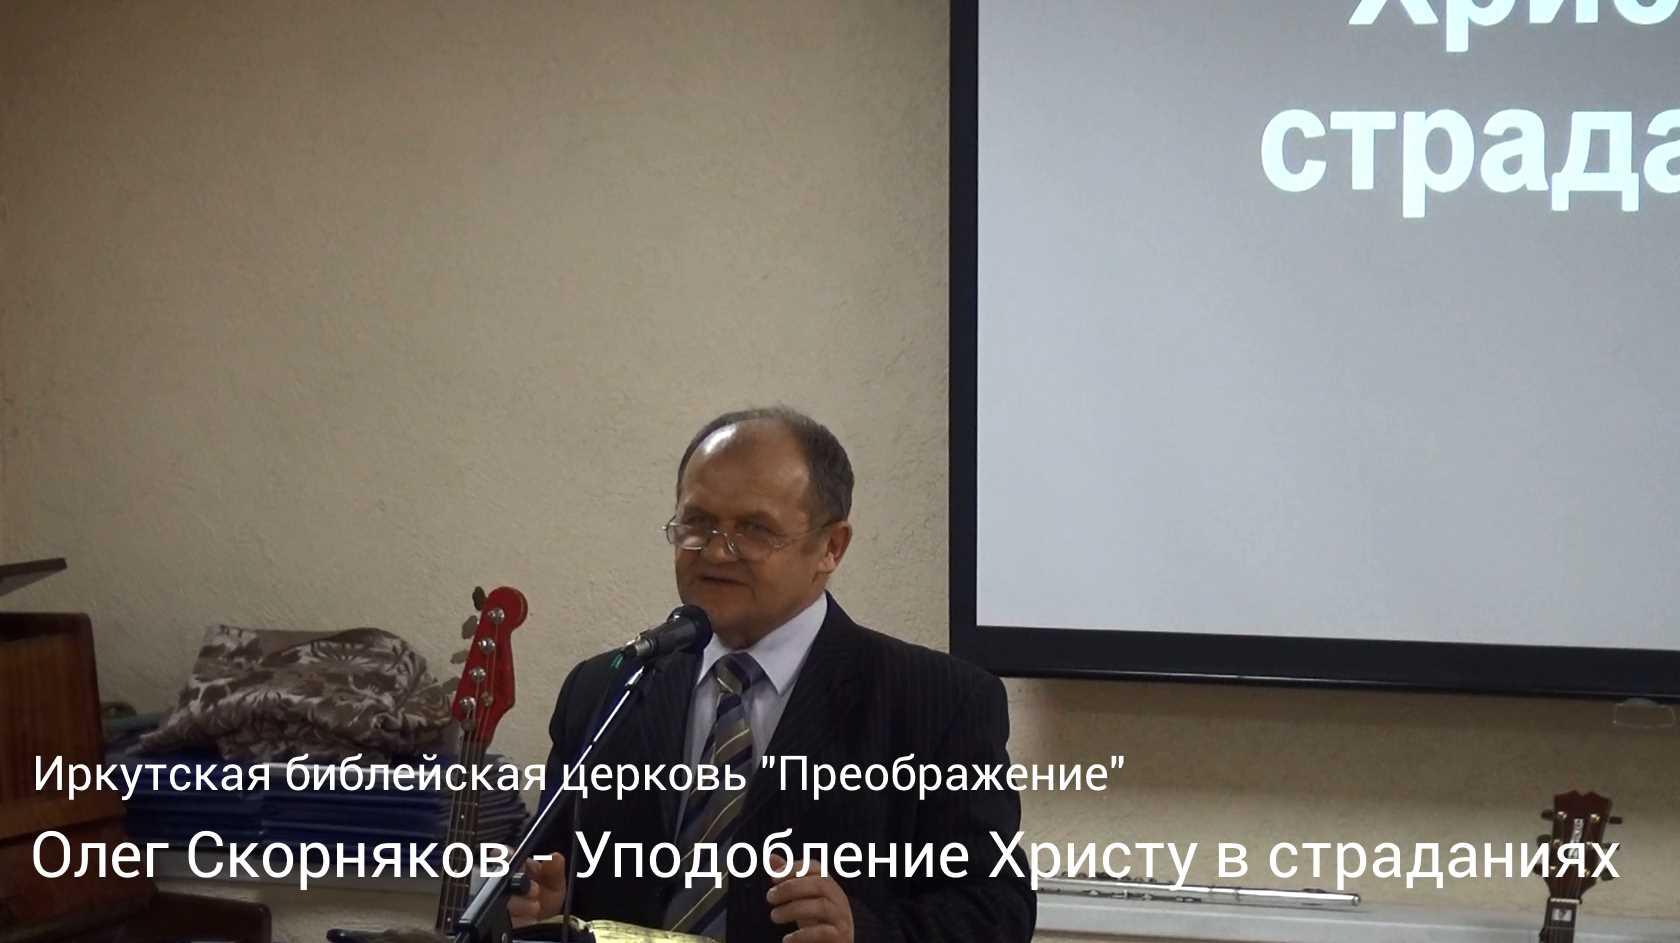 Олег Скорняков — Уподобление Христу в страданиях